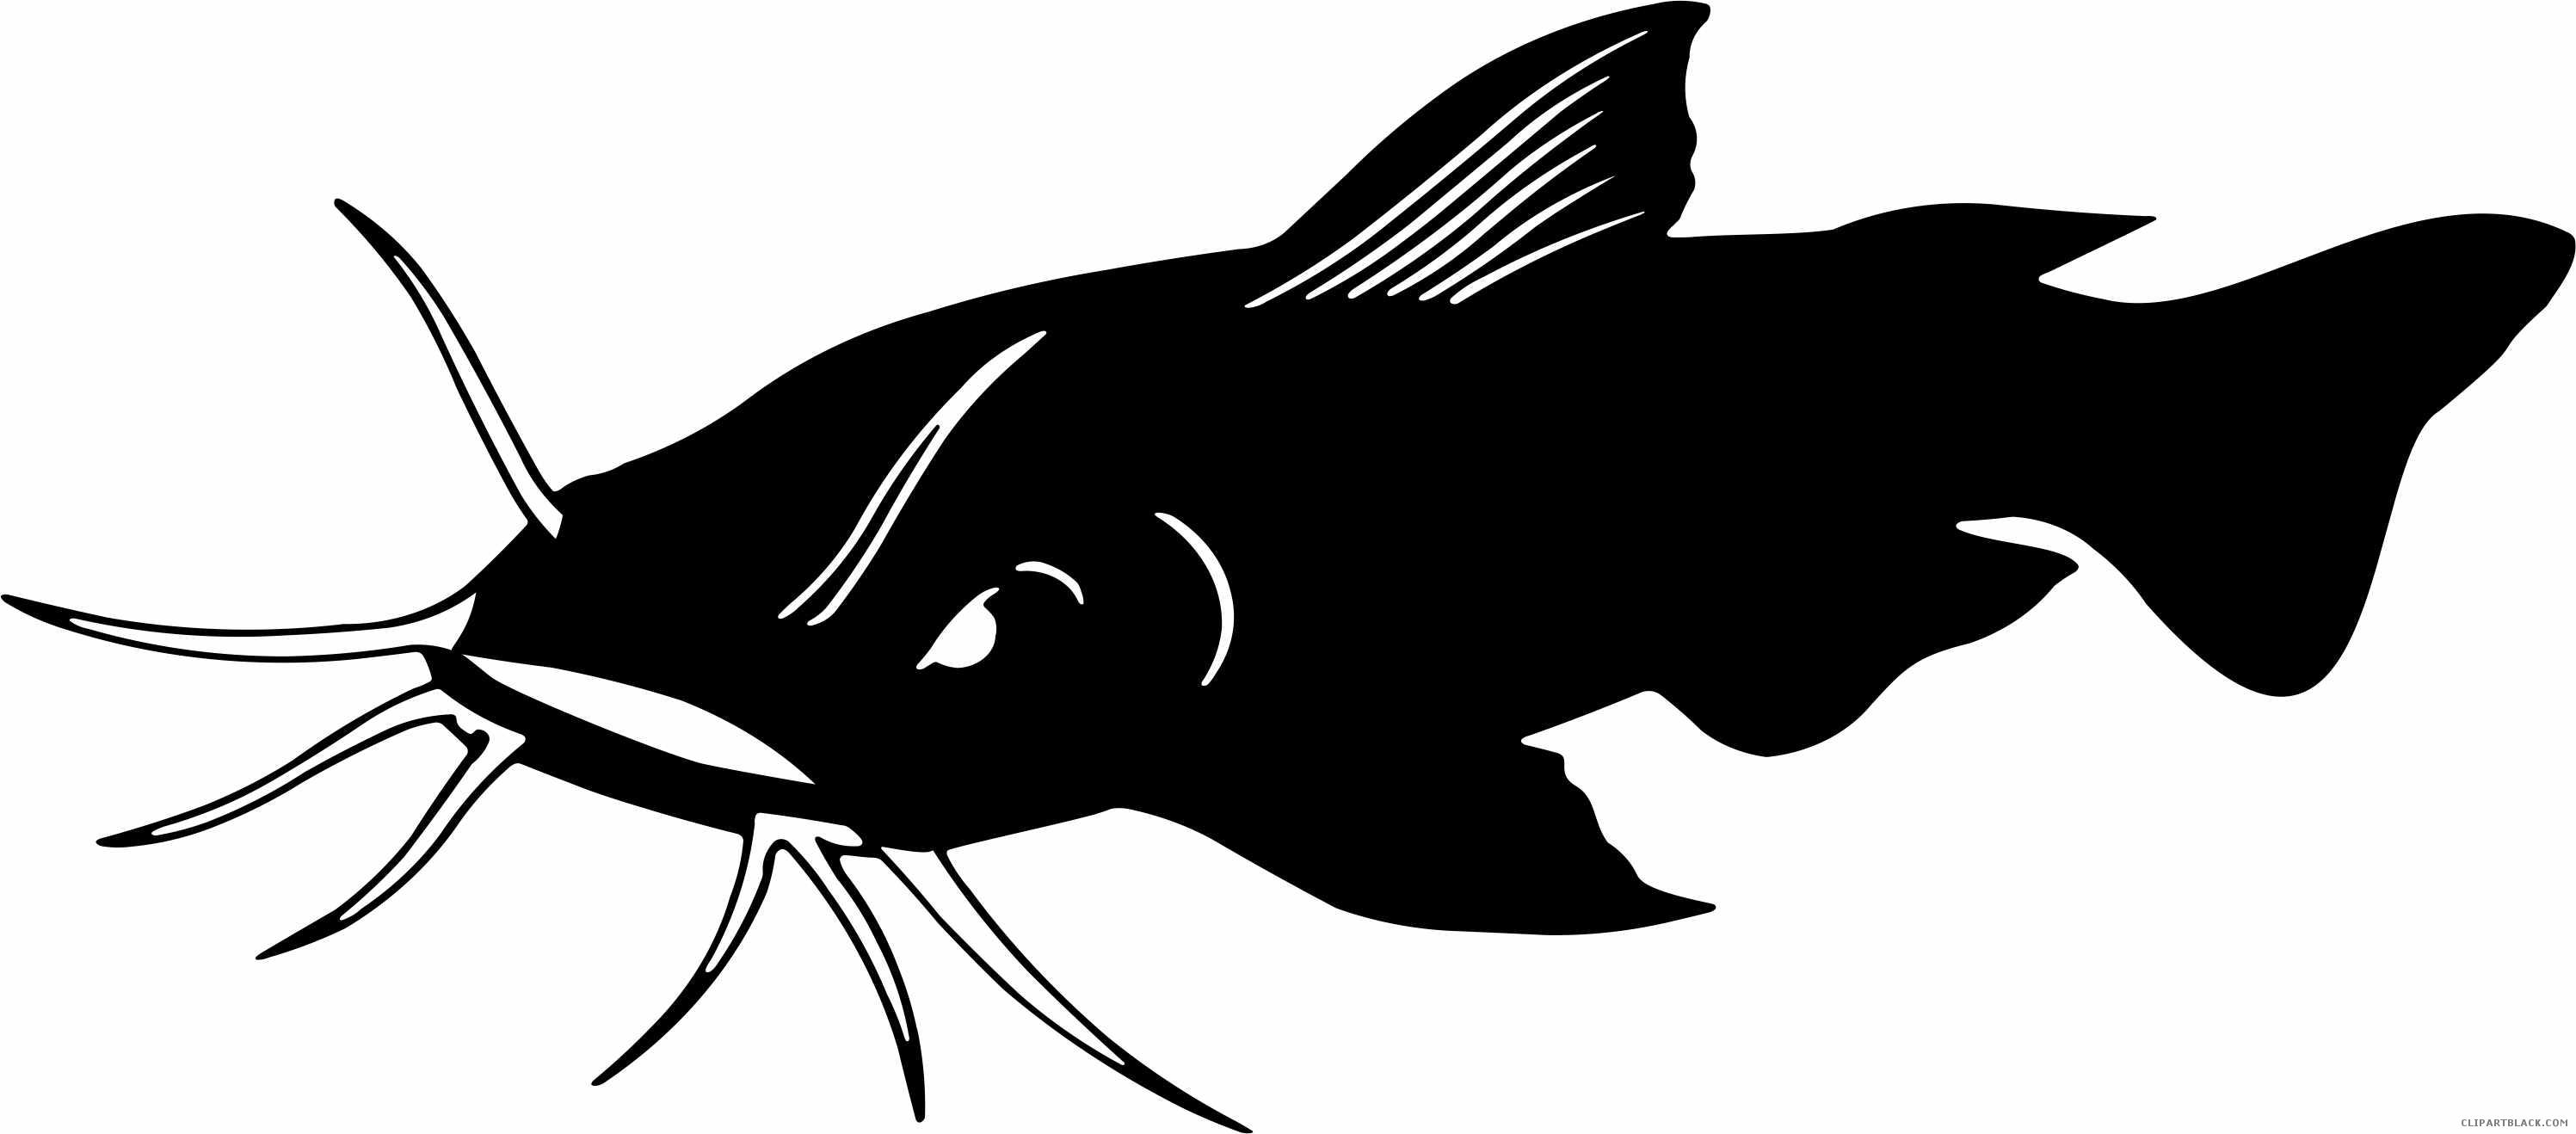 Animal free black white. Catfish clipart outline